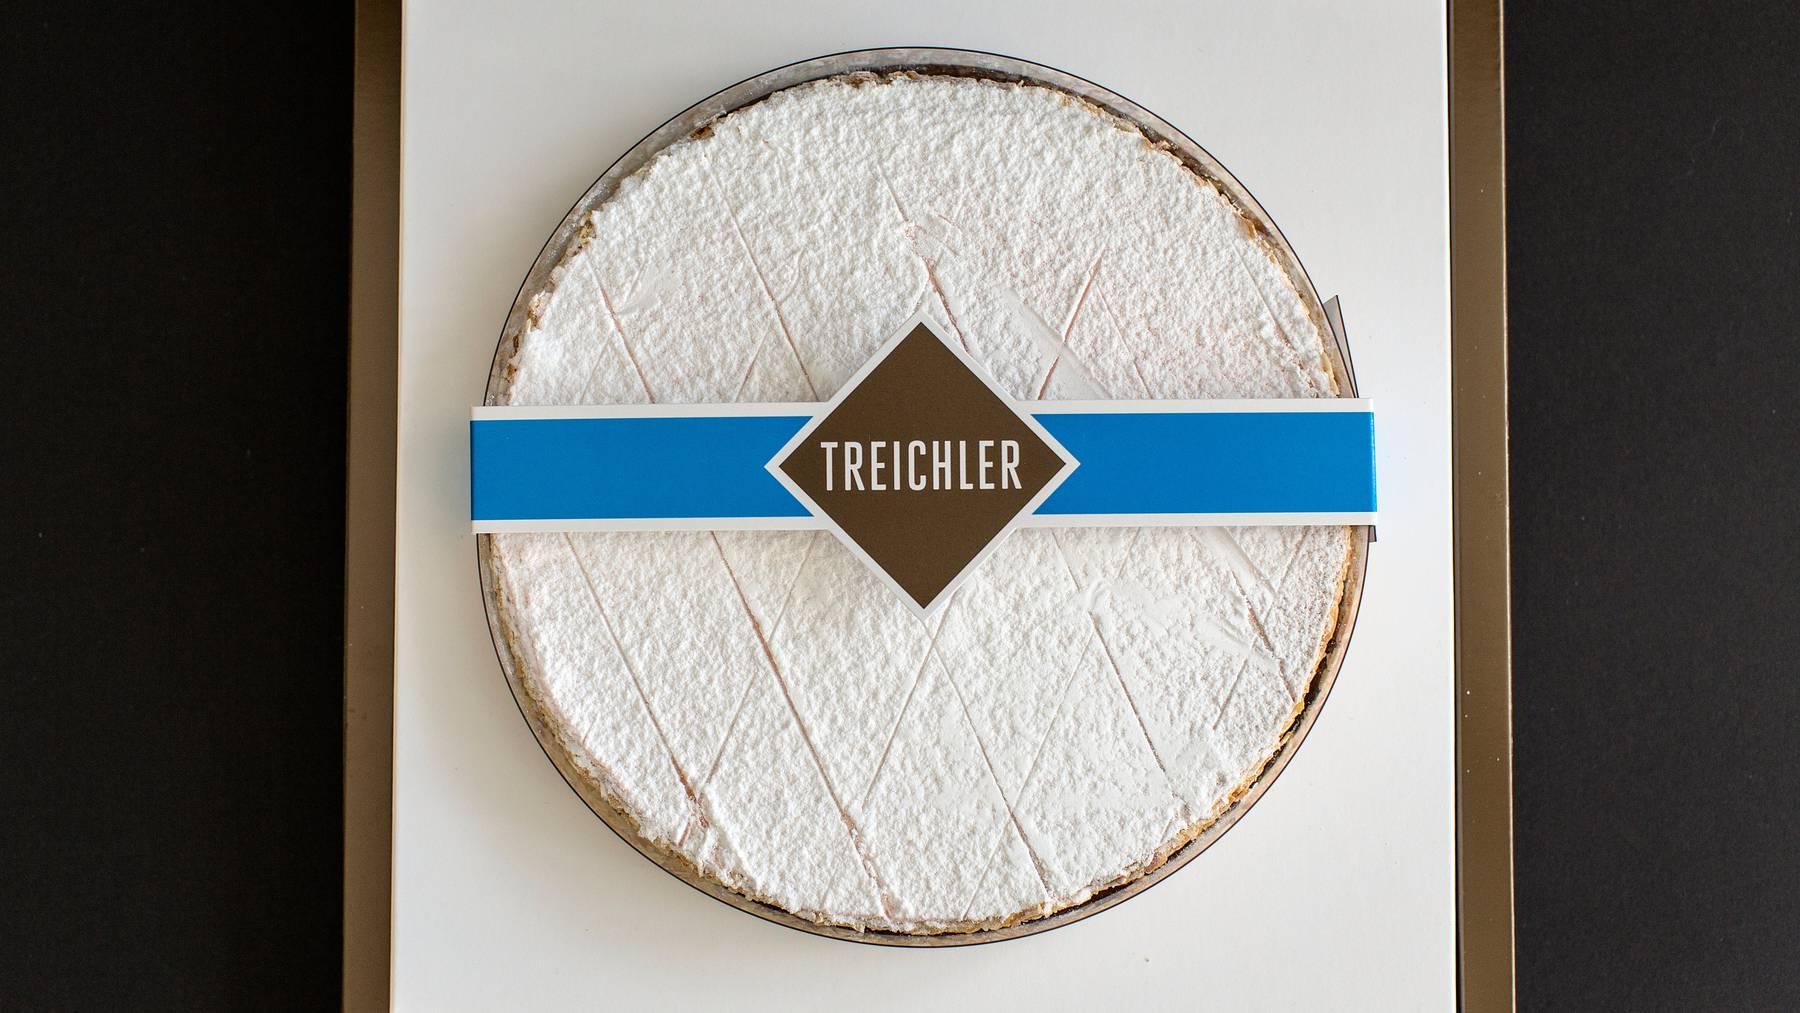 Eine verpackte Zuger Kirschtorte von Treichler, dem Erfinderhaus der Zuger Kirschtorte.